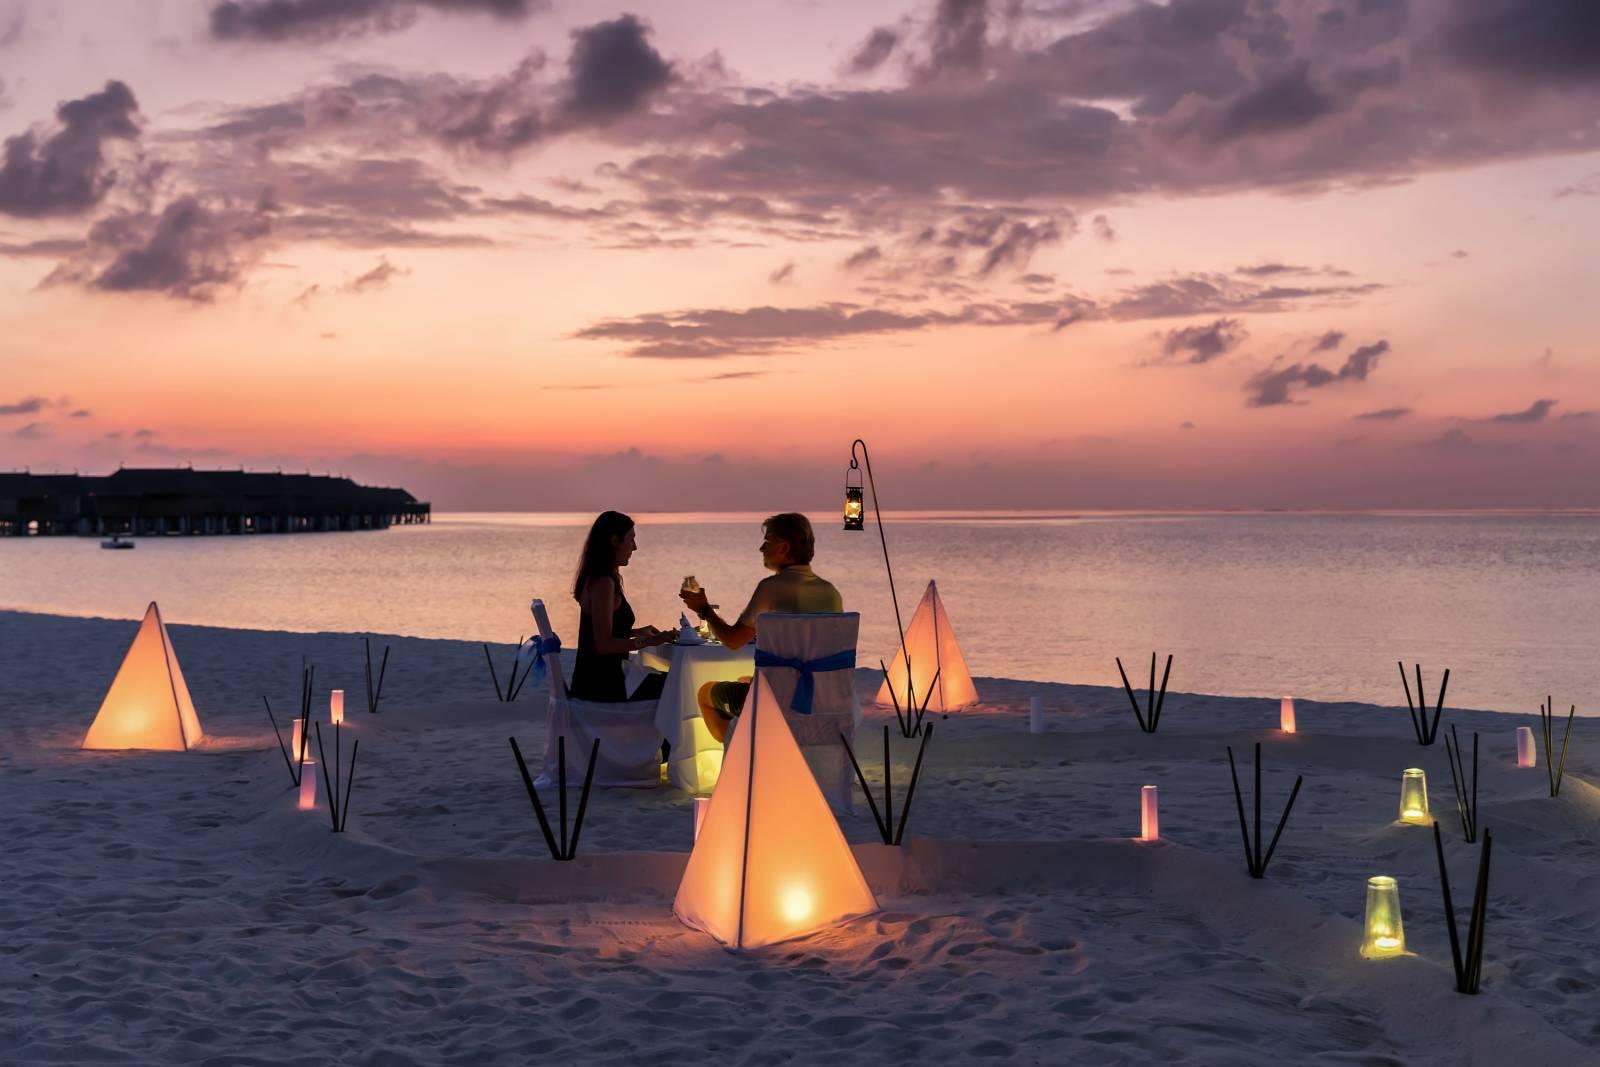 World of Travel - Huwelijksreis - Honeymoon - House of Weddings - 28